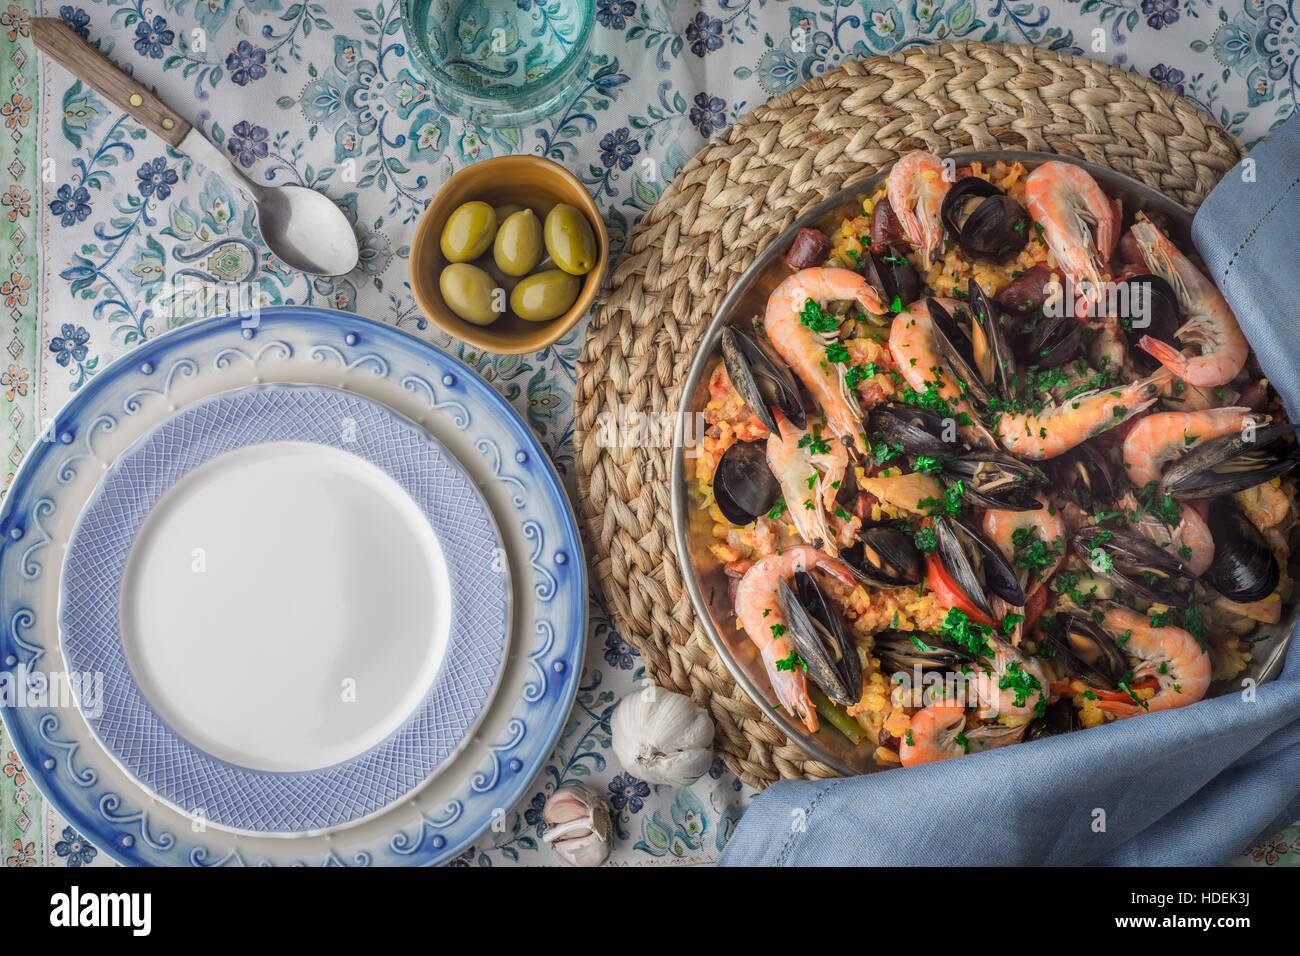 La Paella sur la plaque de métal sur la belle serviette de table avec vue de dessus Photo Stock